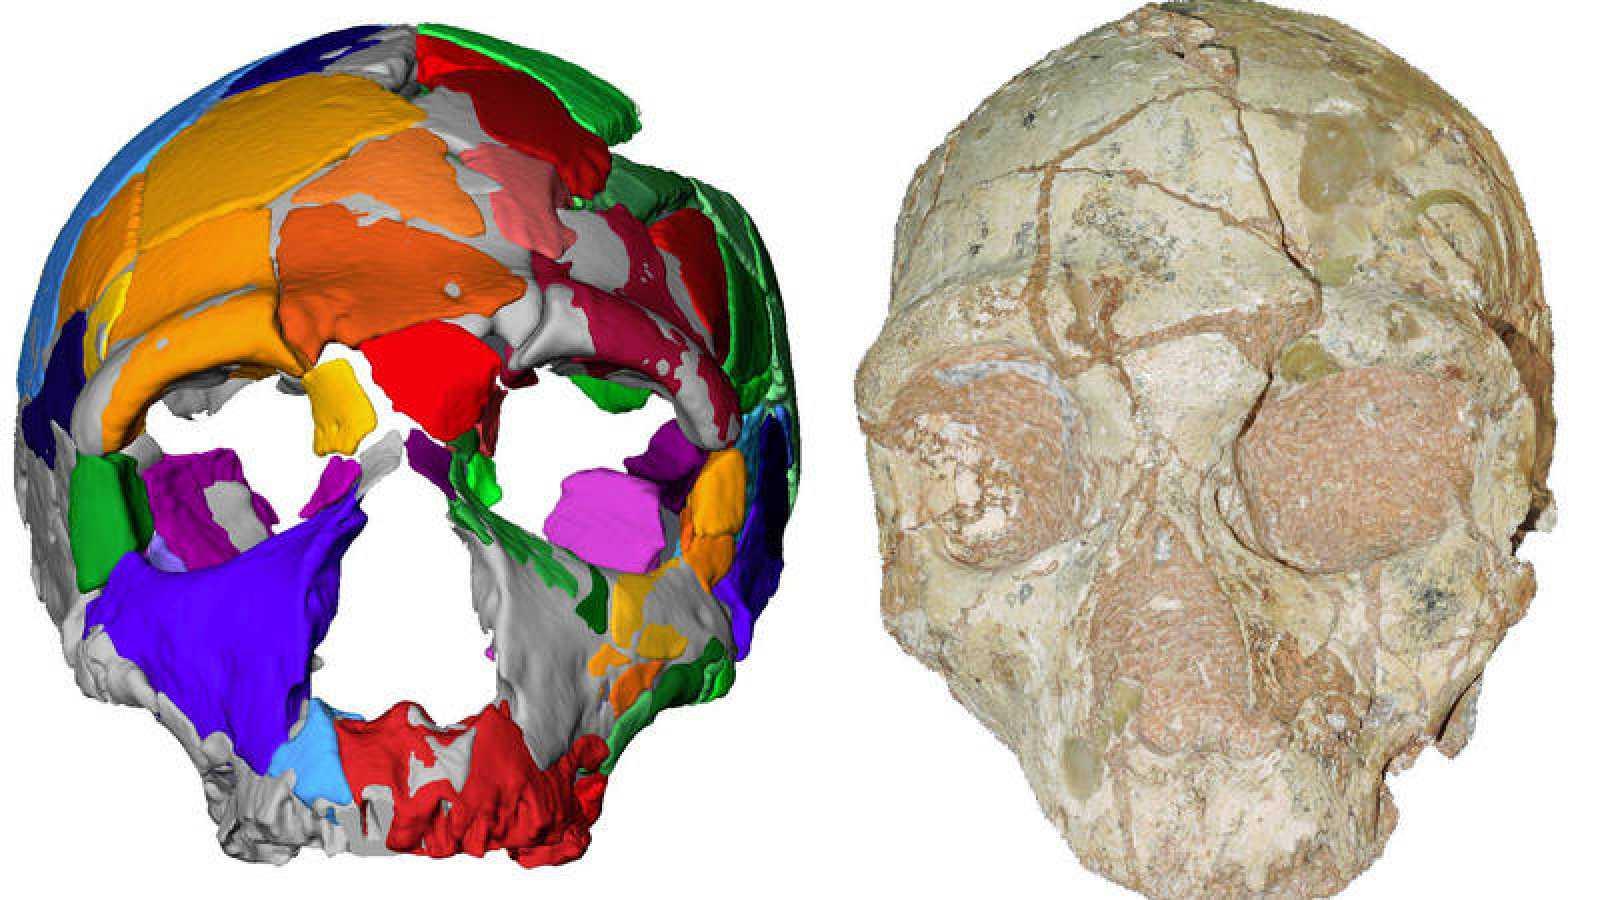 Un segundo cráneo, encontrado también en Grecia, dataría de hace 170.000 años y cuenta con rasgos de neanderthal.